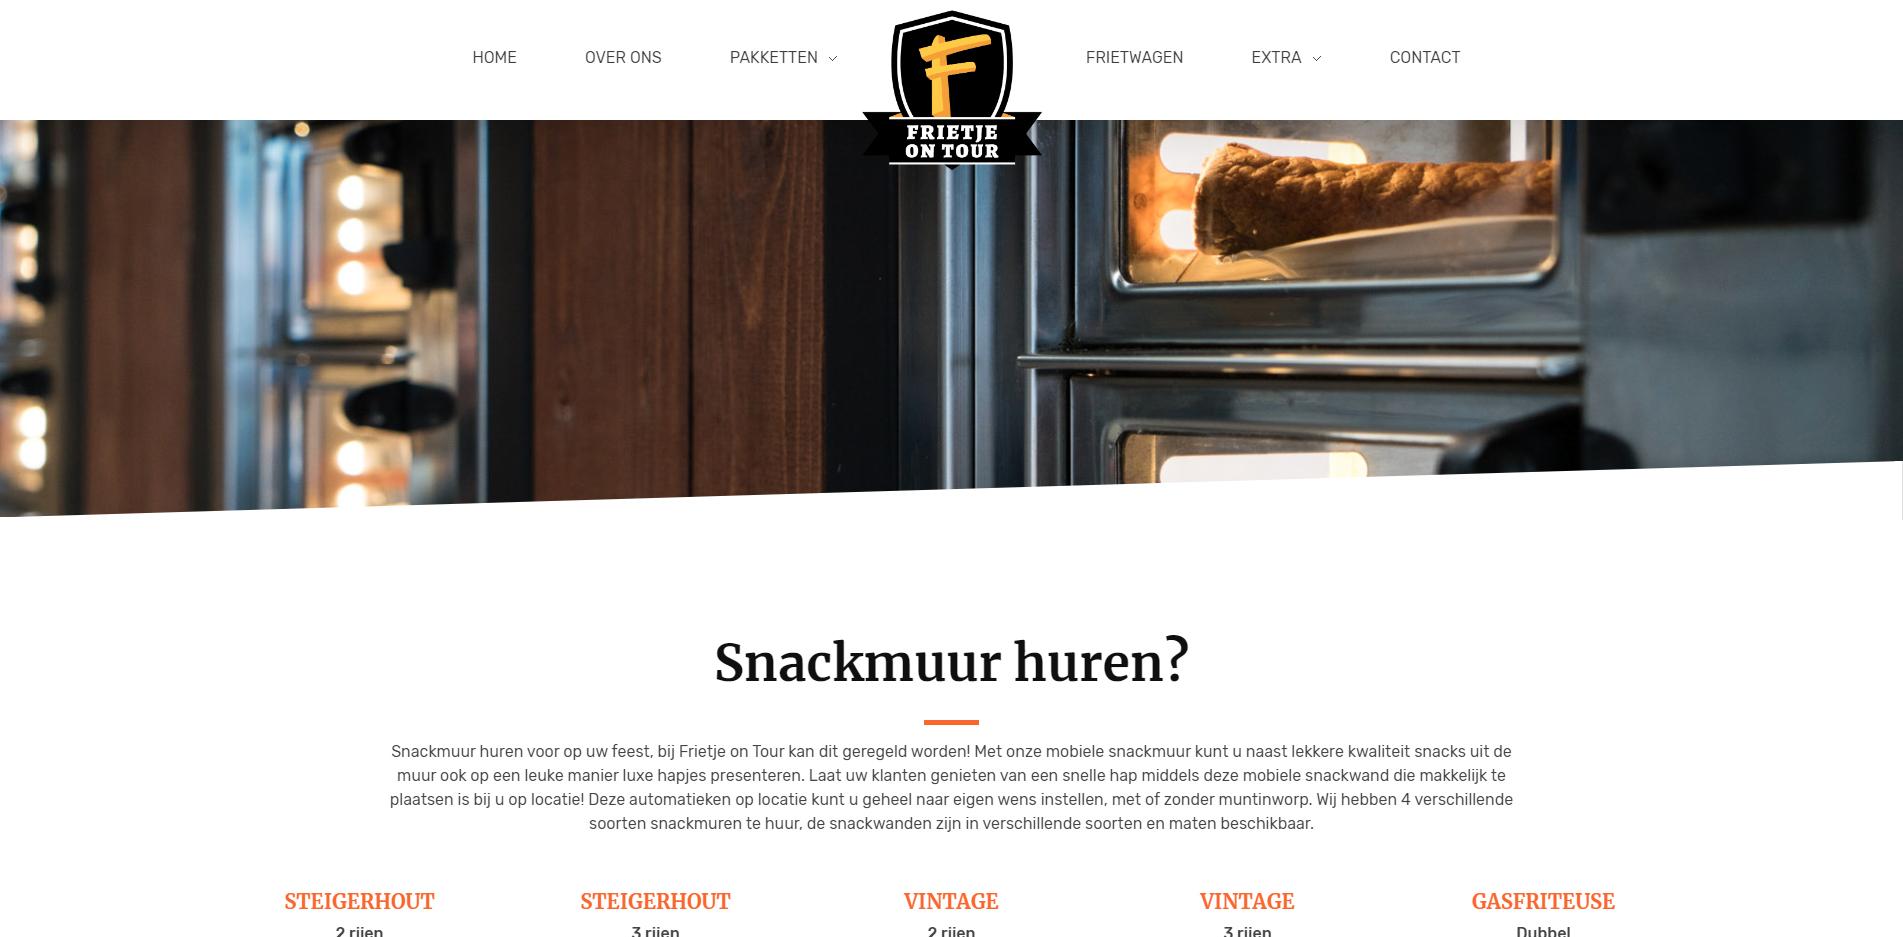 frietjeontour-snackmuur